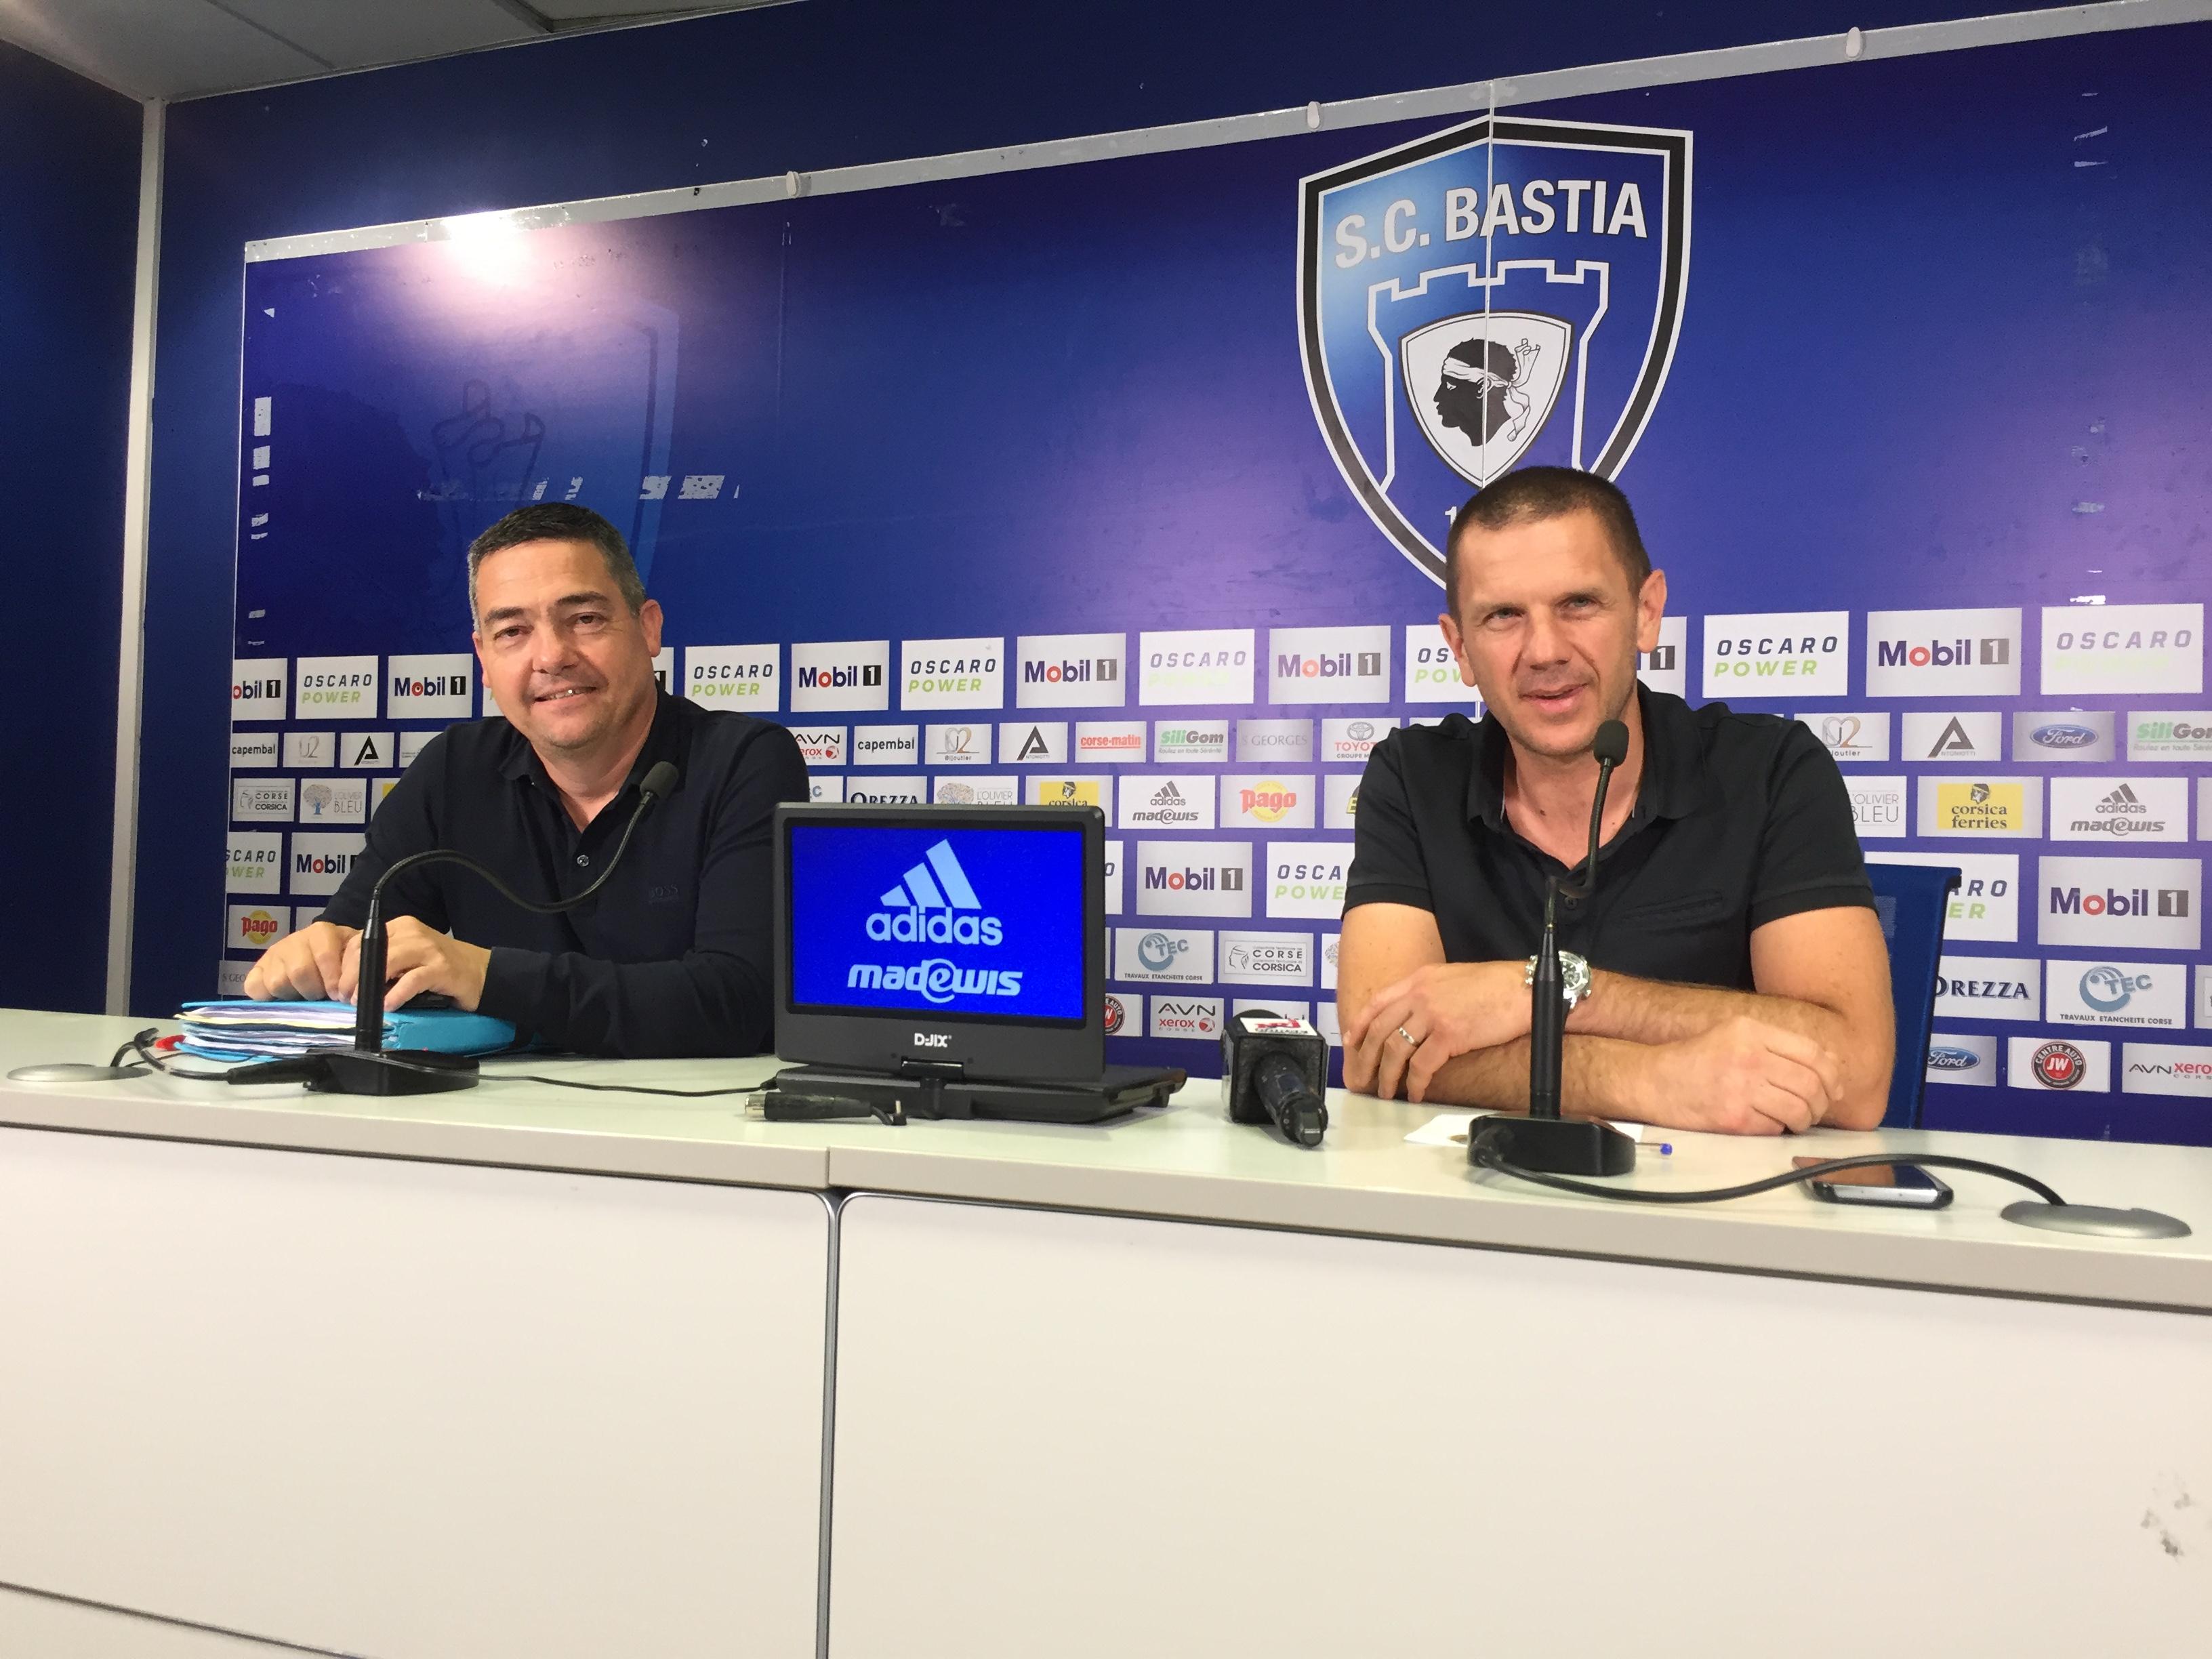 Marc-Antoine Luca, président de l'association SCB et Claude Ferrandi, président du SCB, ont présenté les projets pour le club